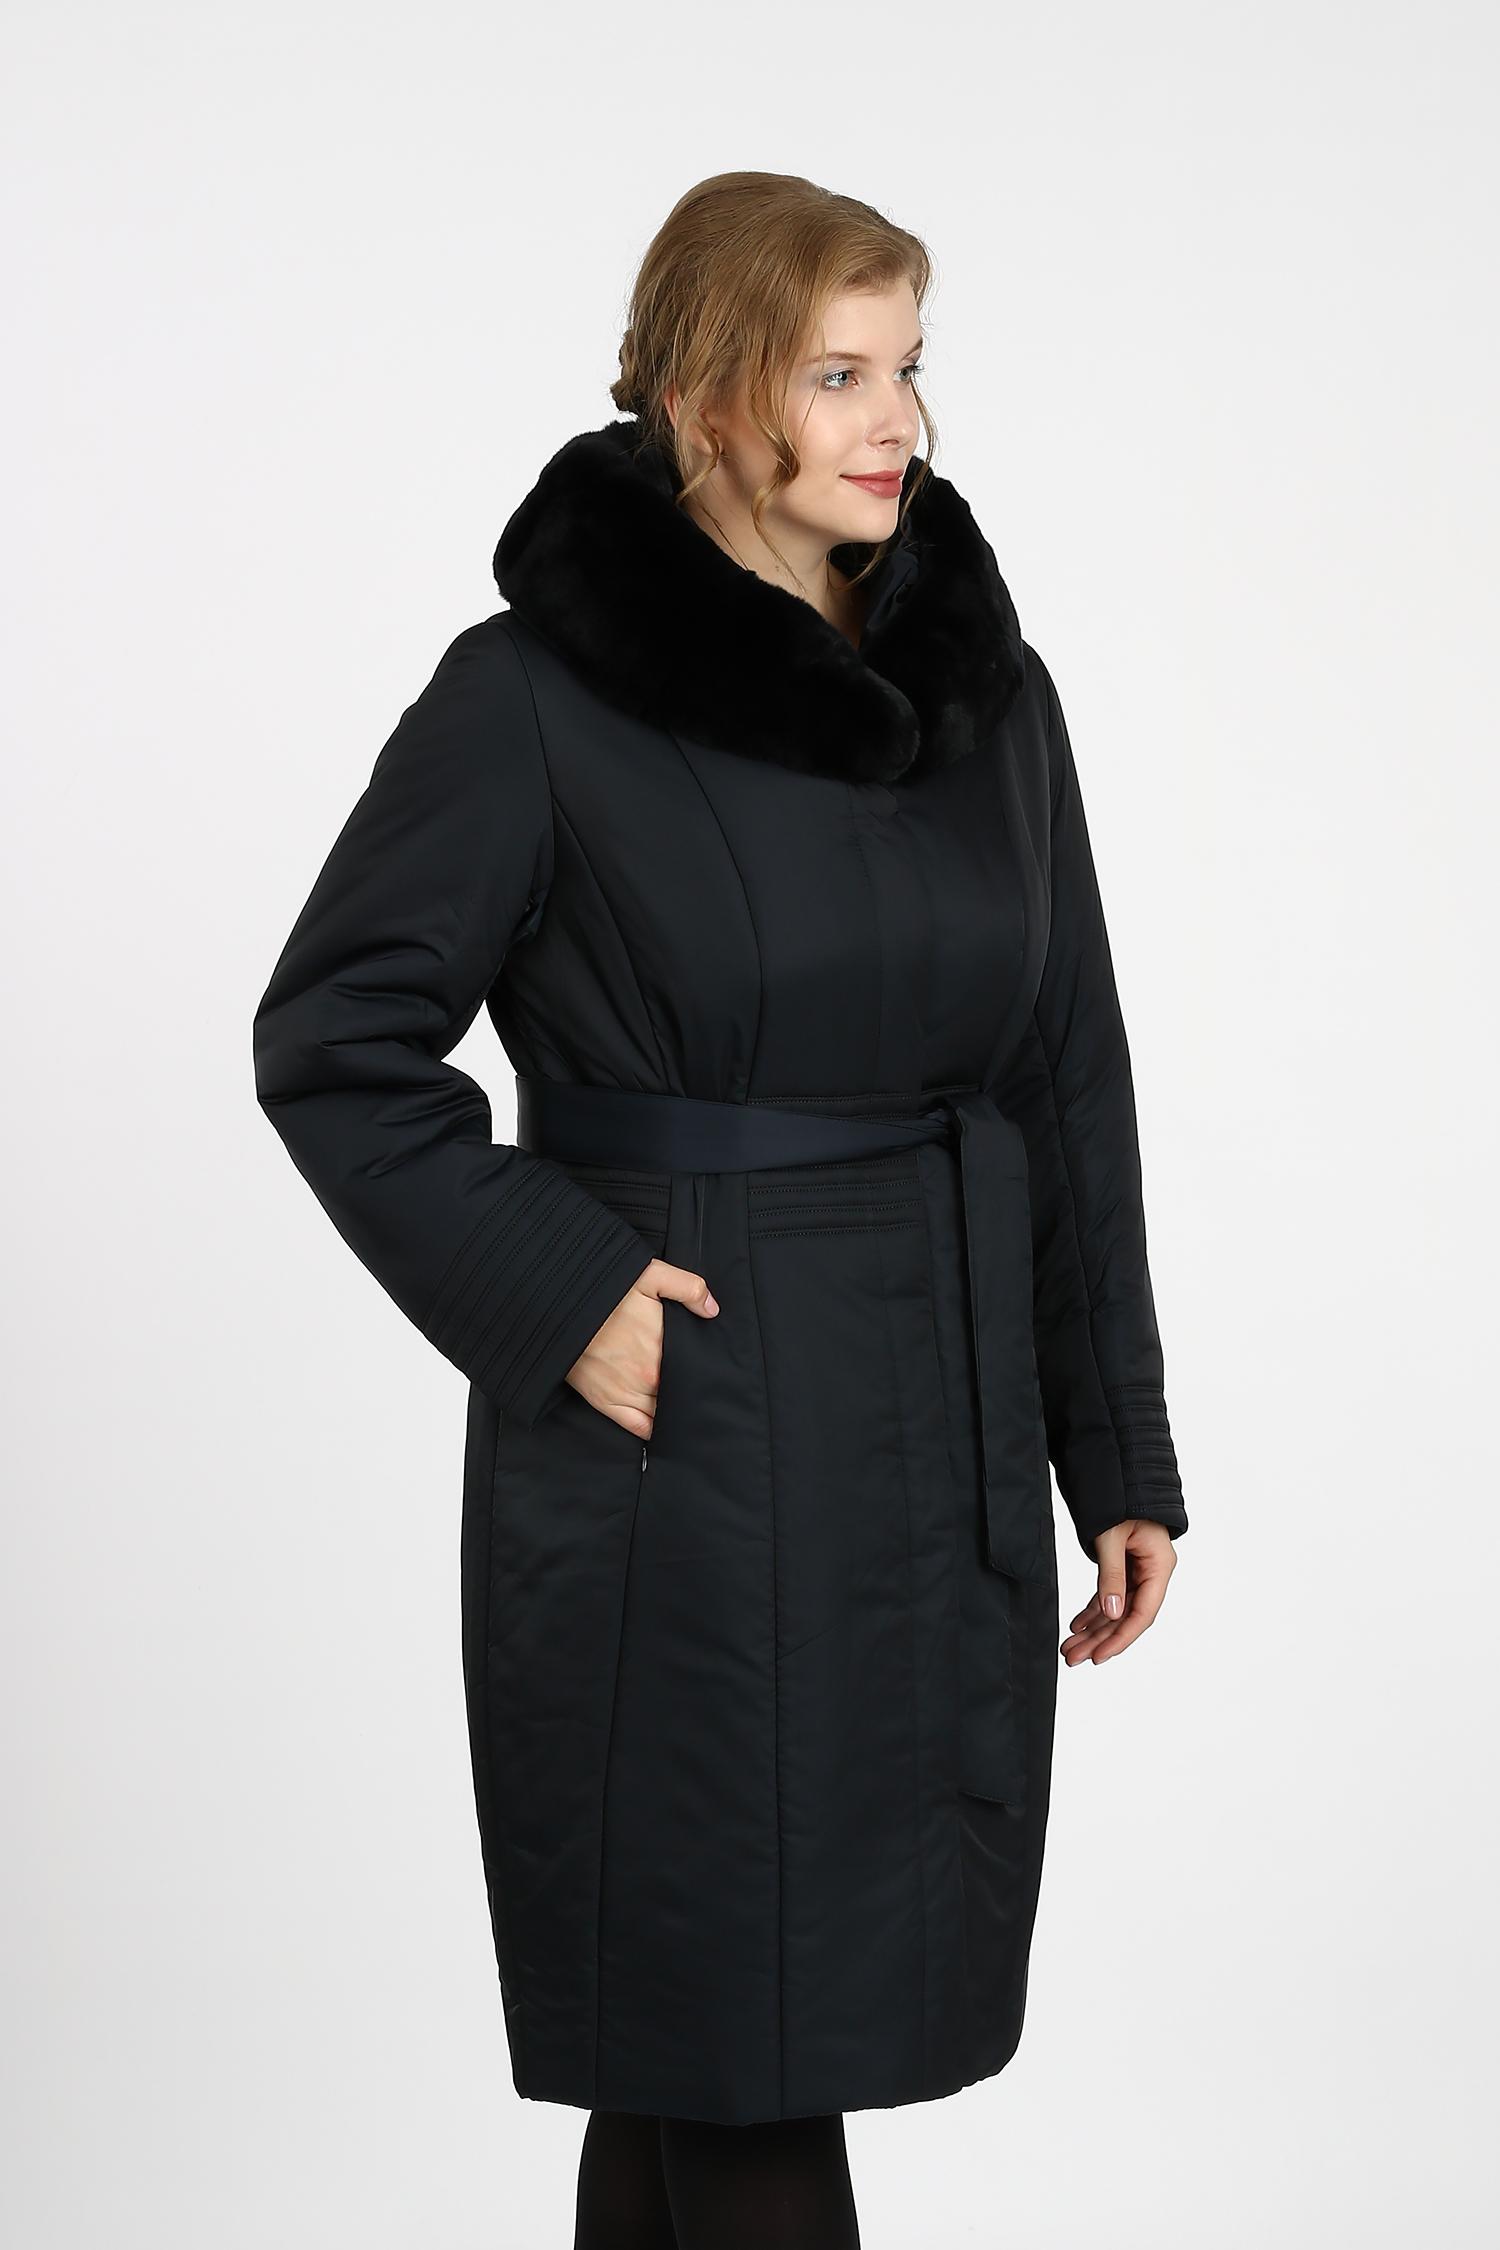 Купить со скидкой Пуховик женский из текстиля с капюшоном, отделка кролик